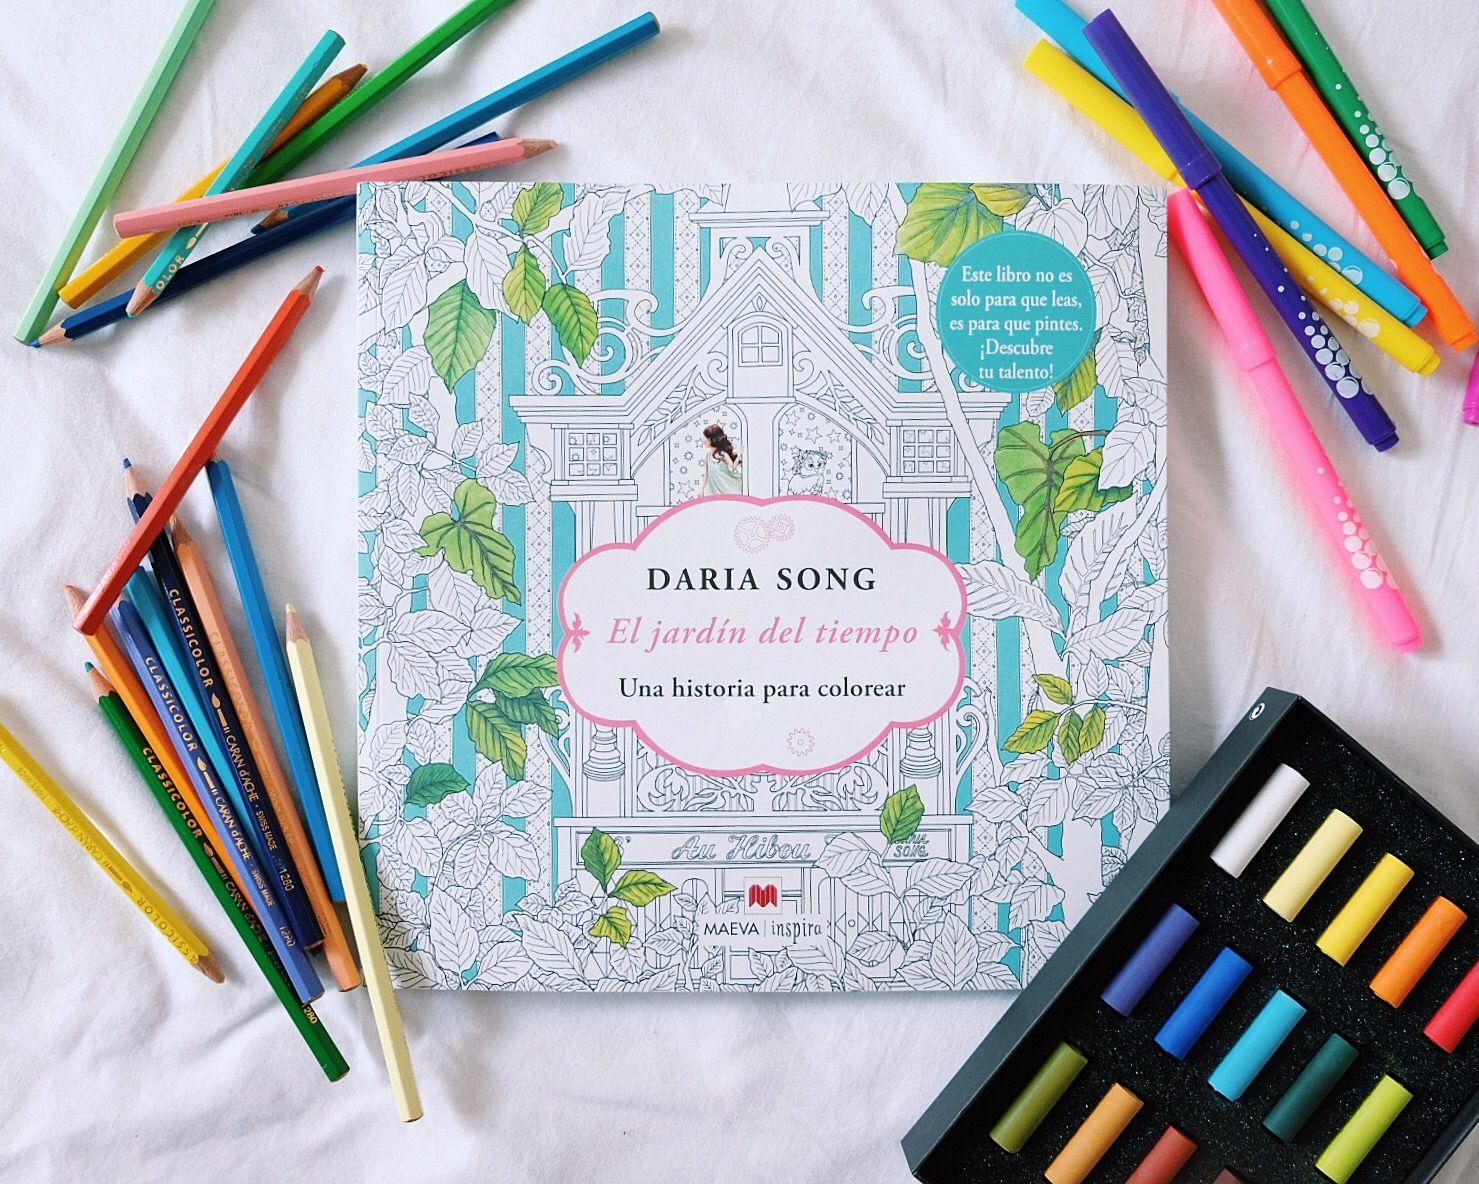 Este libro no es sólo para leer, ¡es un libro para colorear! Atrévete y disfruta de los beneficios mentales que provocan los libros de colorear para adultos y despierta los mejores recuerdos y costumbres de la infancia.